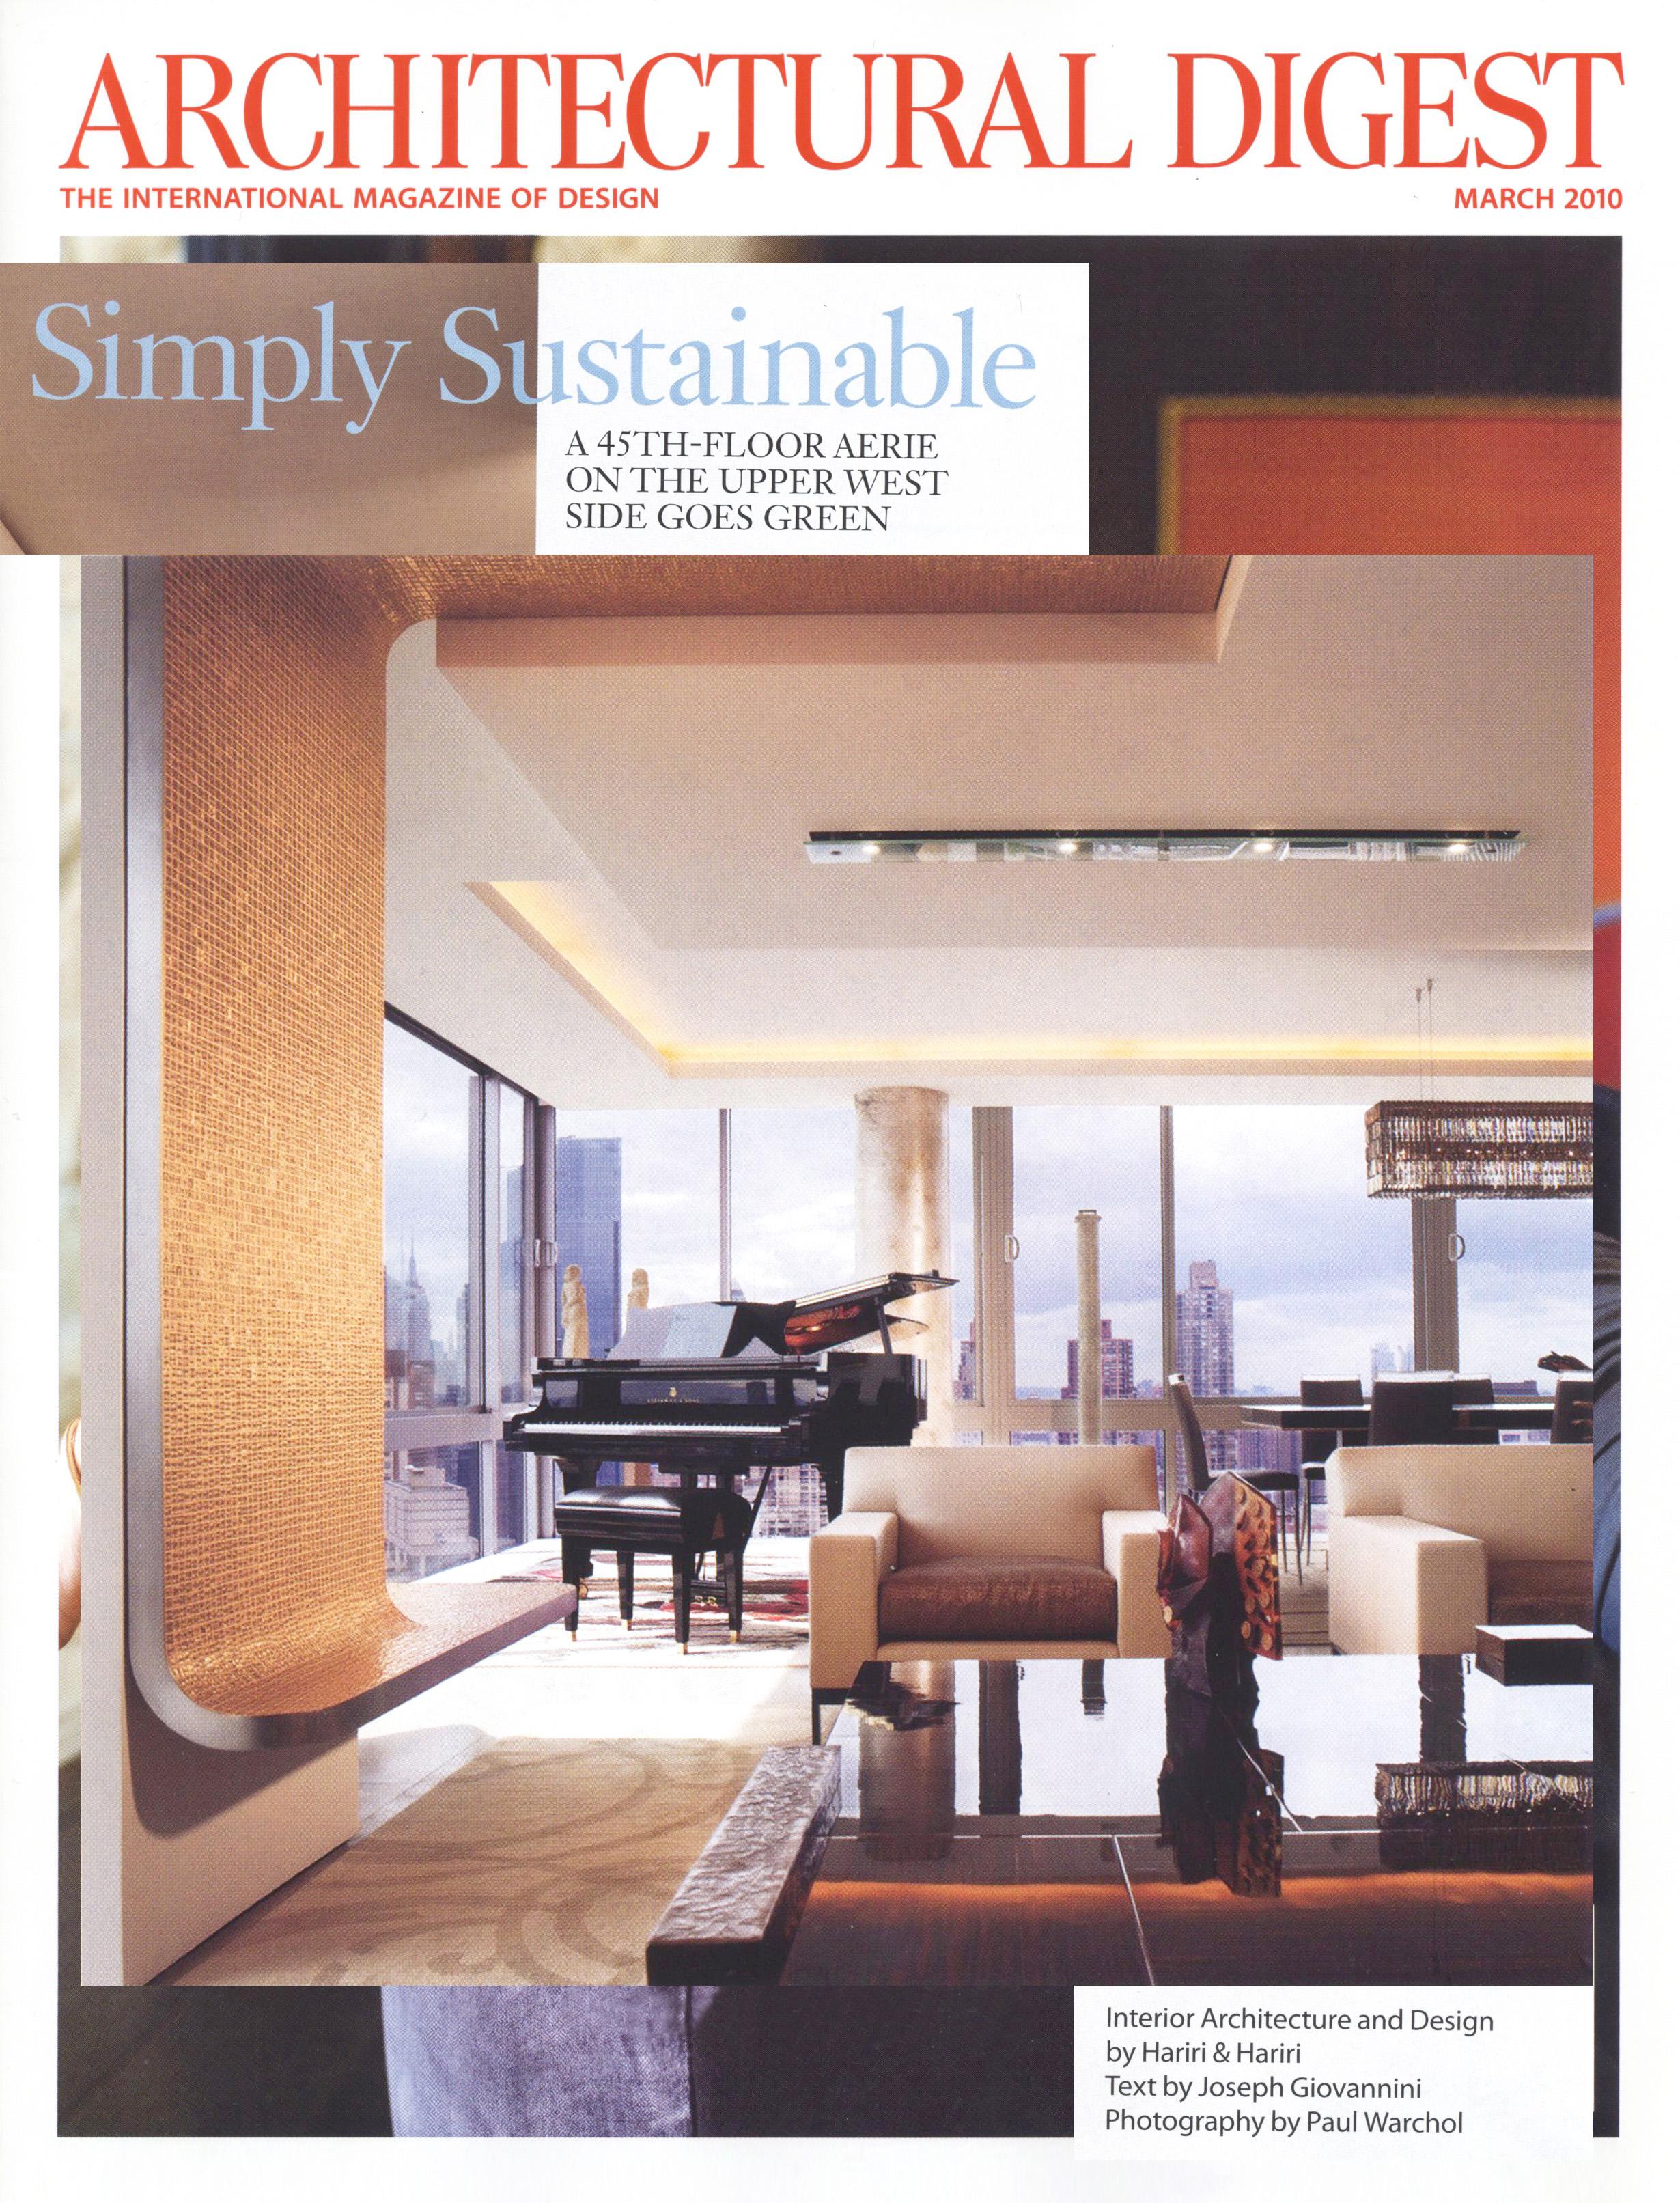 architectural digest magazine hariri & hariri architecture